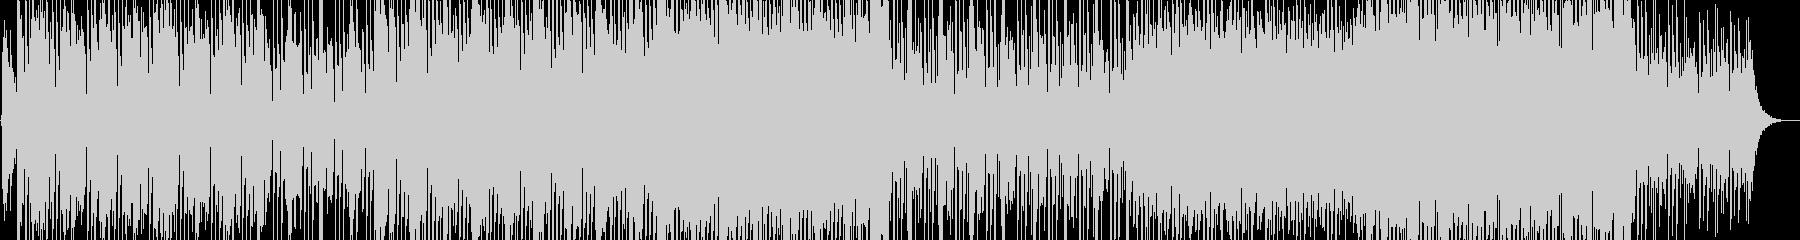 キラキラ系 vaper waveの未再生の波形